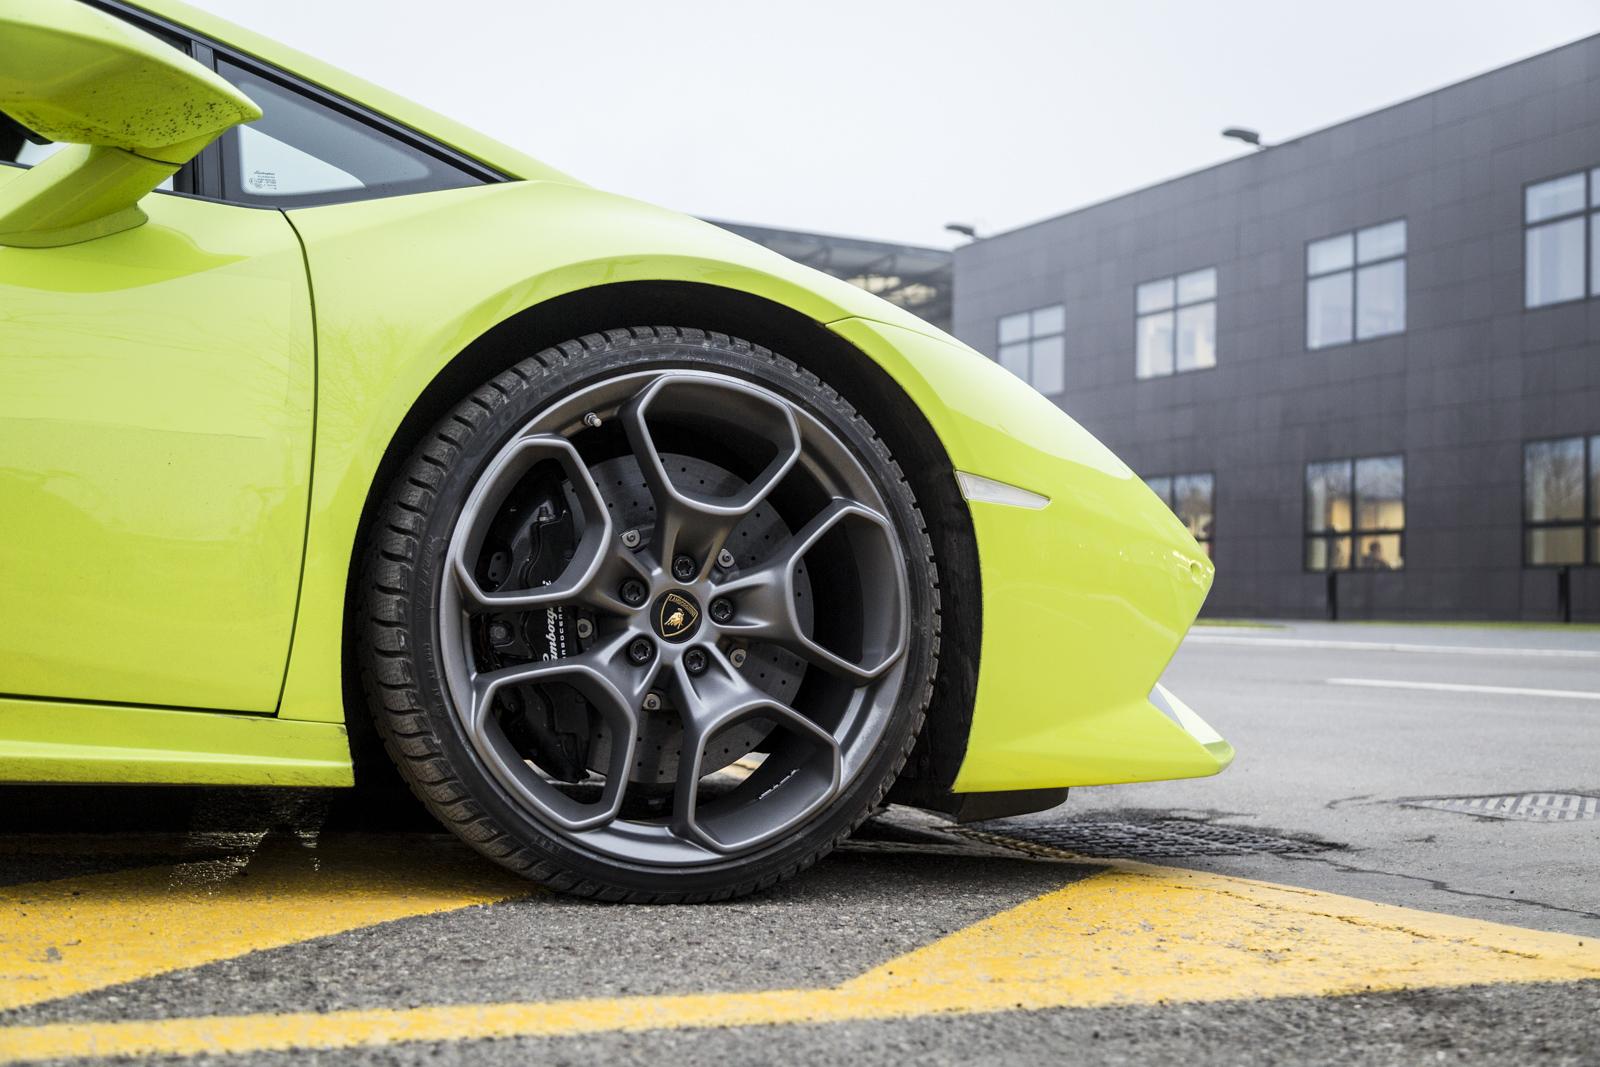 Test_Drive_Lamborghini_Huracan_LP610-4_37